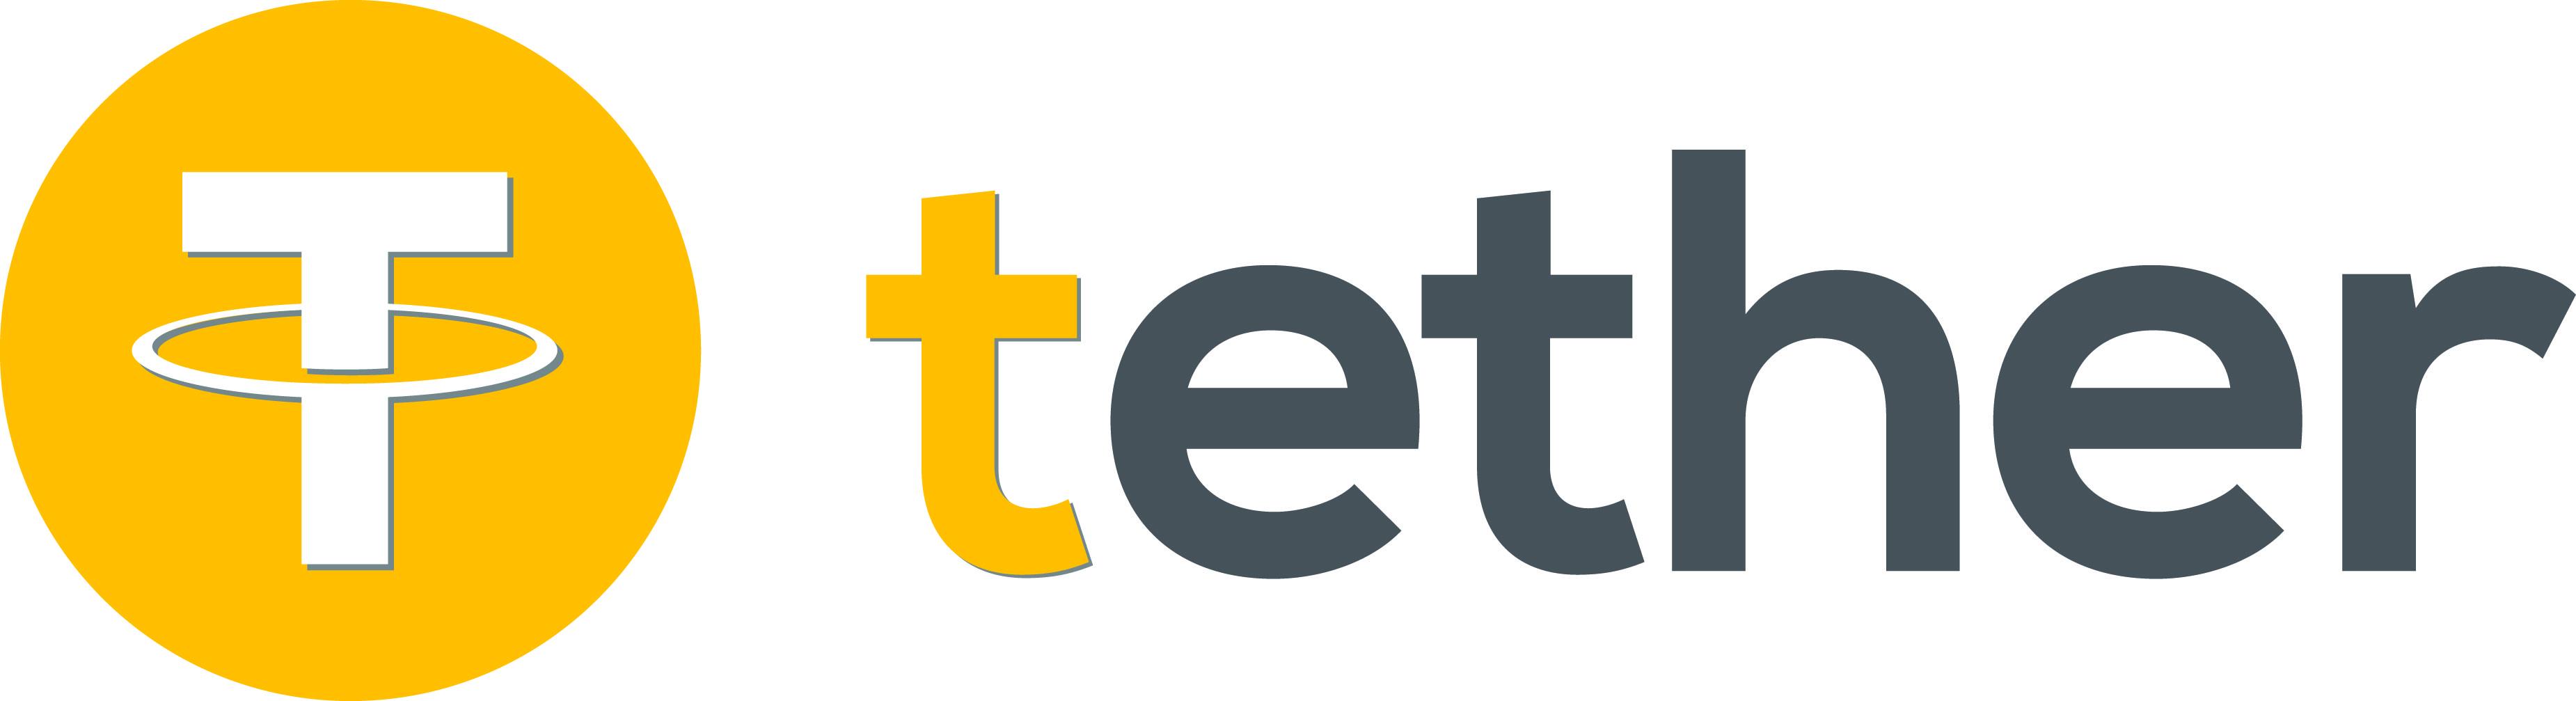 Tether(テザー)とは|仮想通貨の特徴・価格・チャート・購入方法